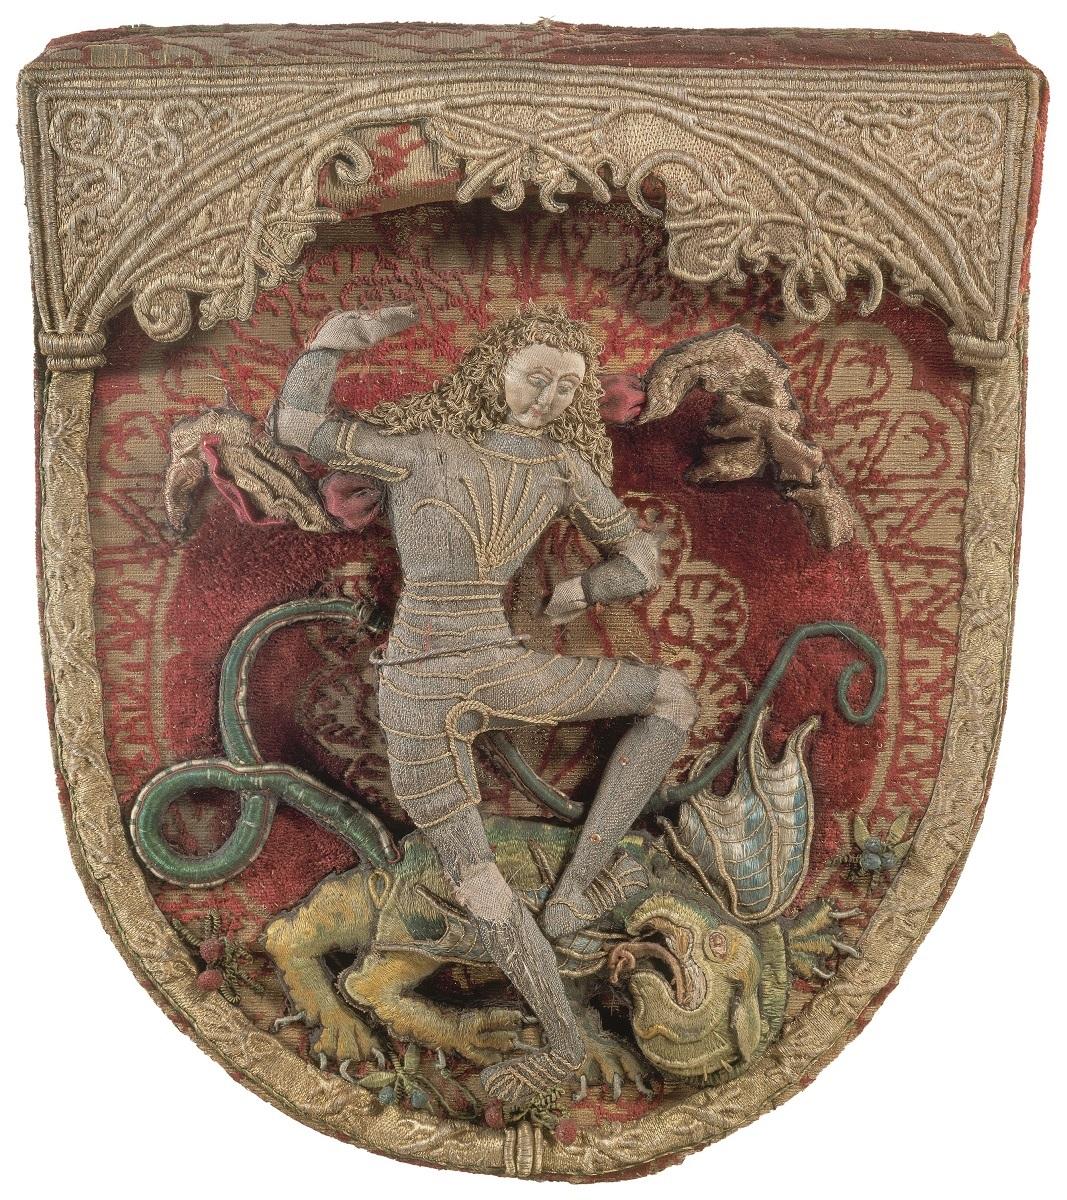 Afbeelding van St. Joris op het schild van een koorkap - foto Thomas Richter.